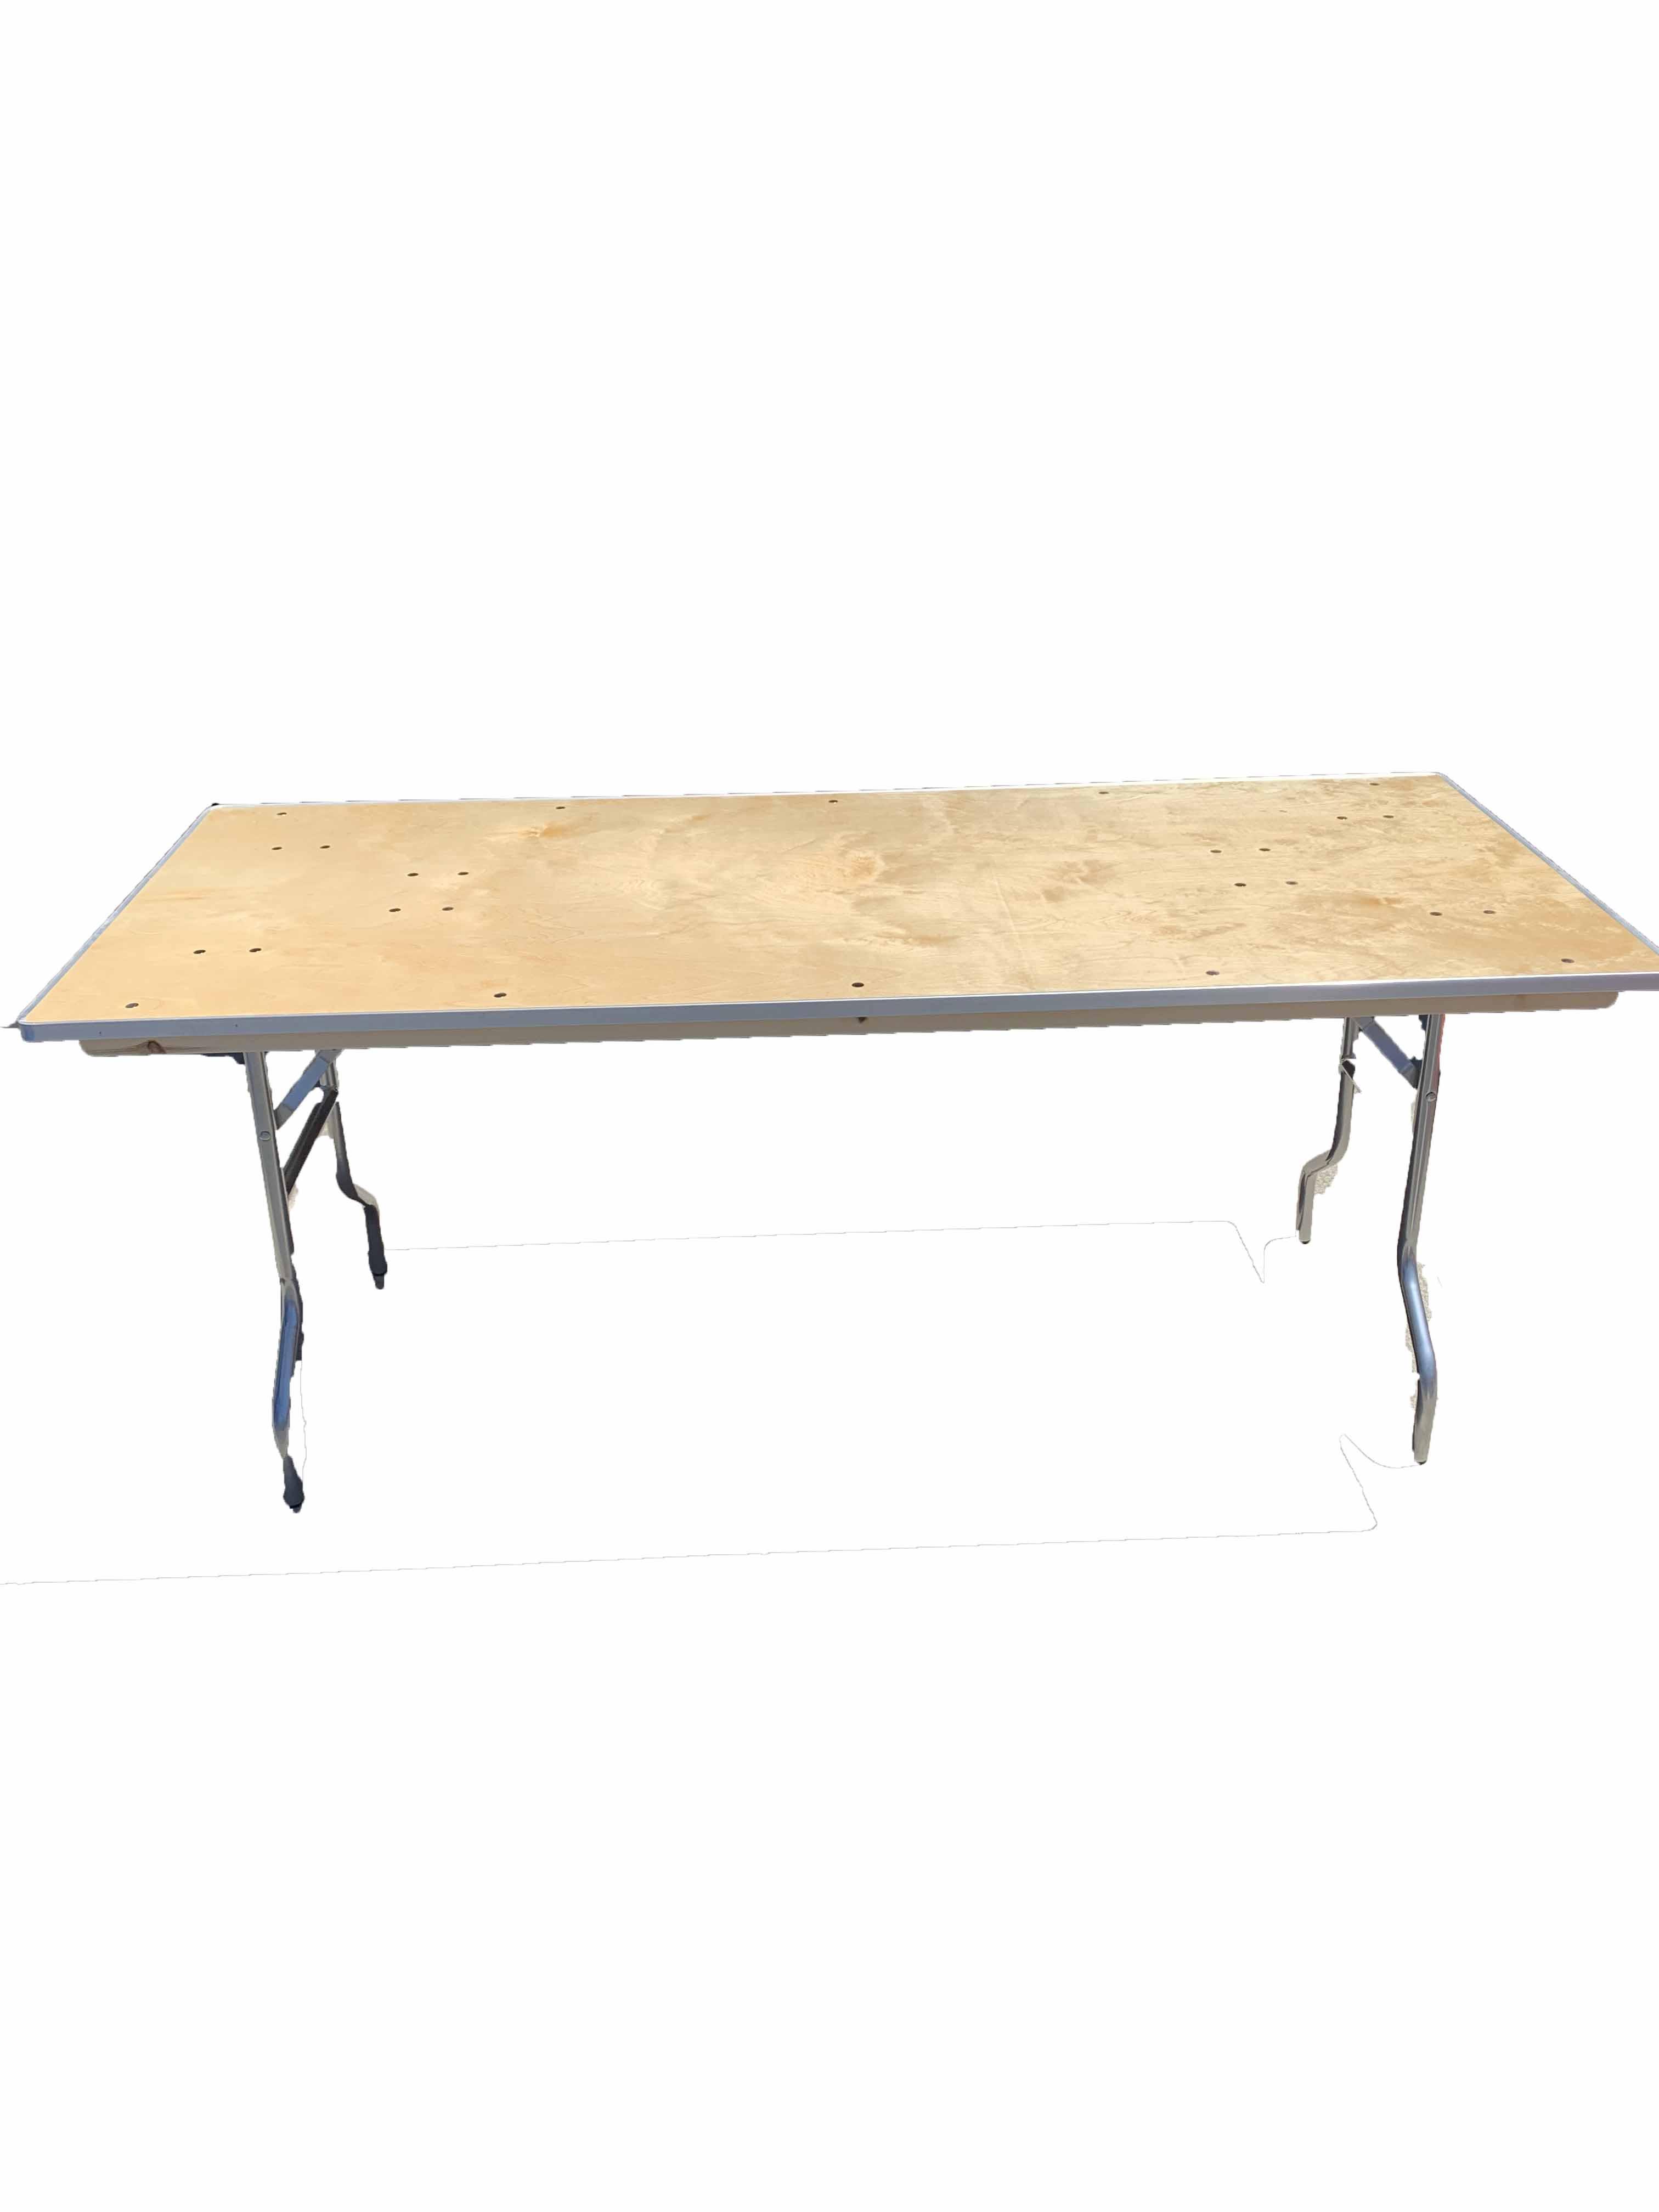 Table Rentals Santa Rosa